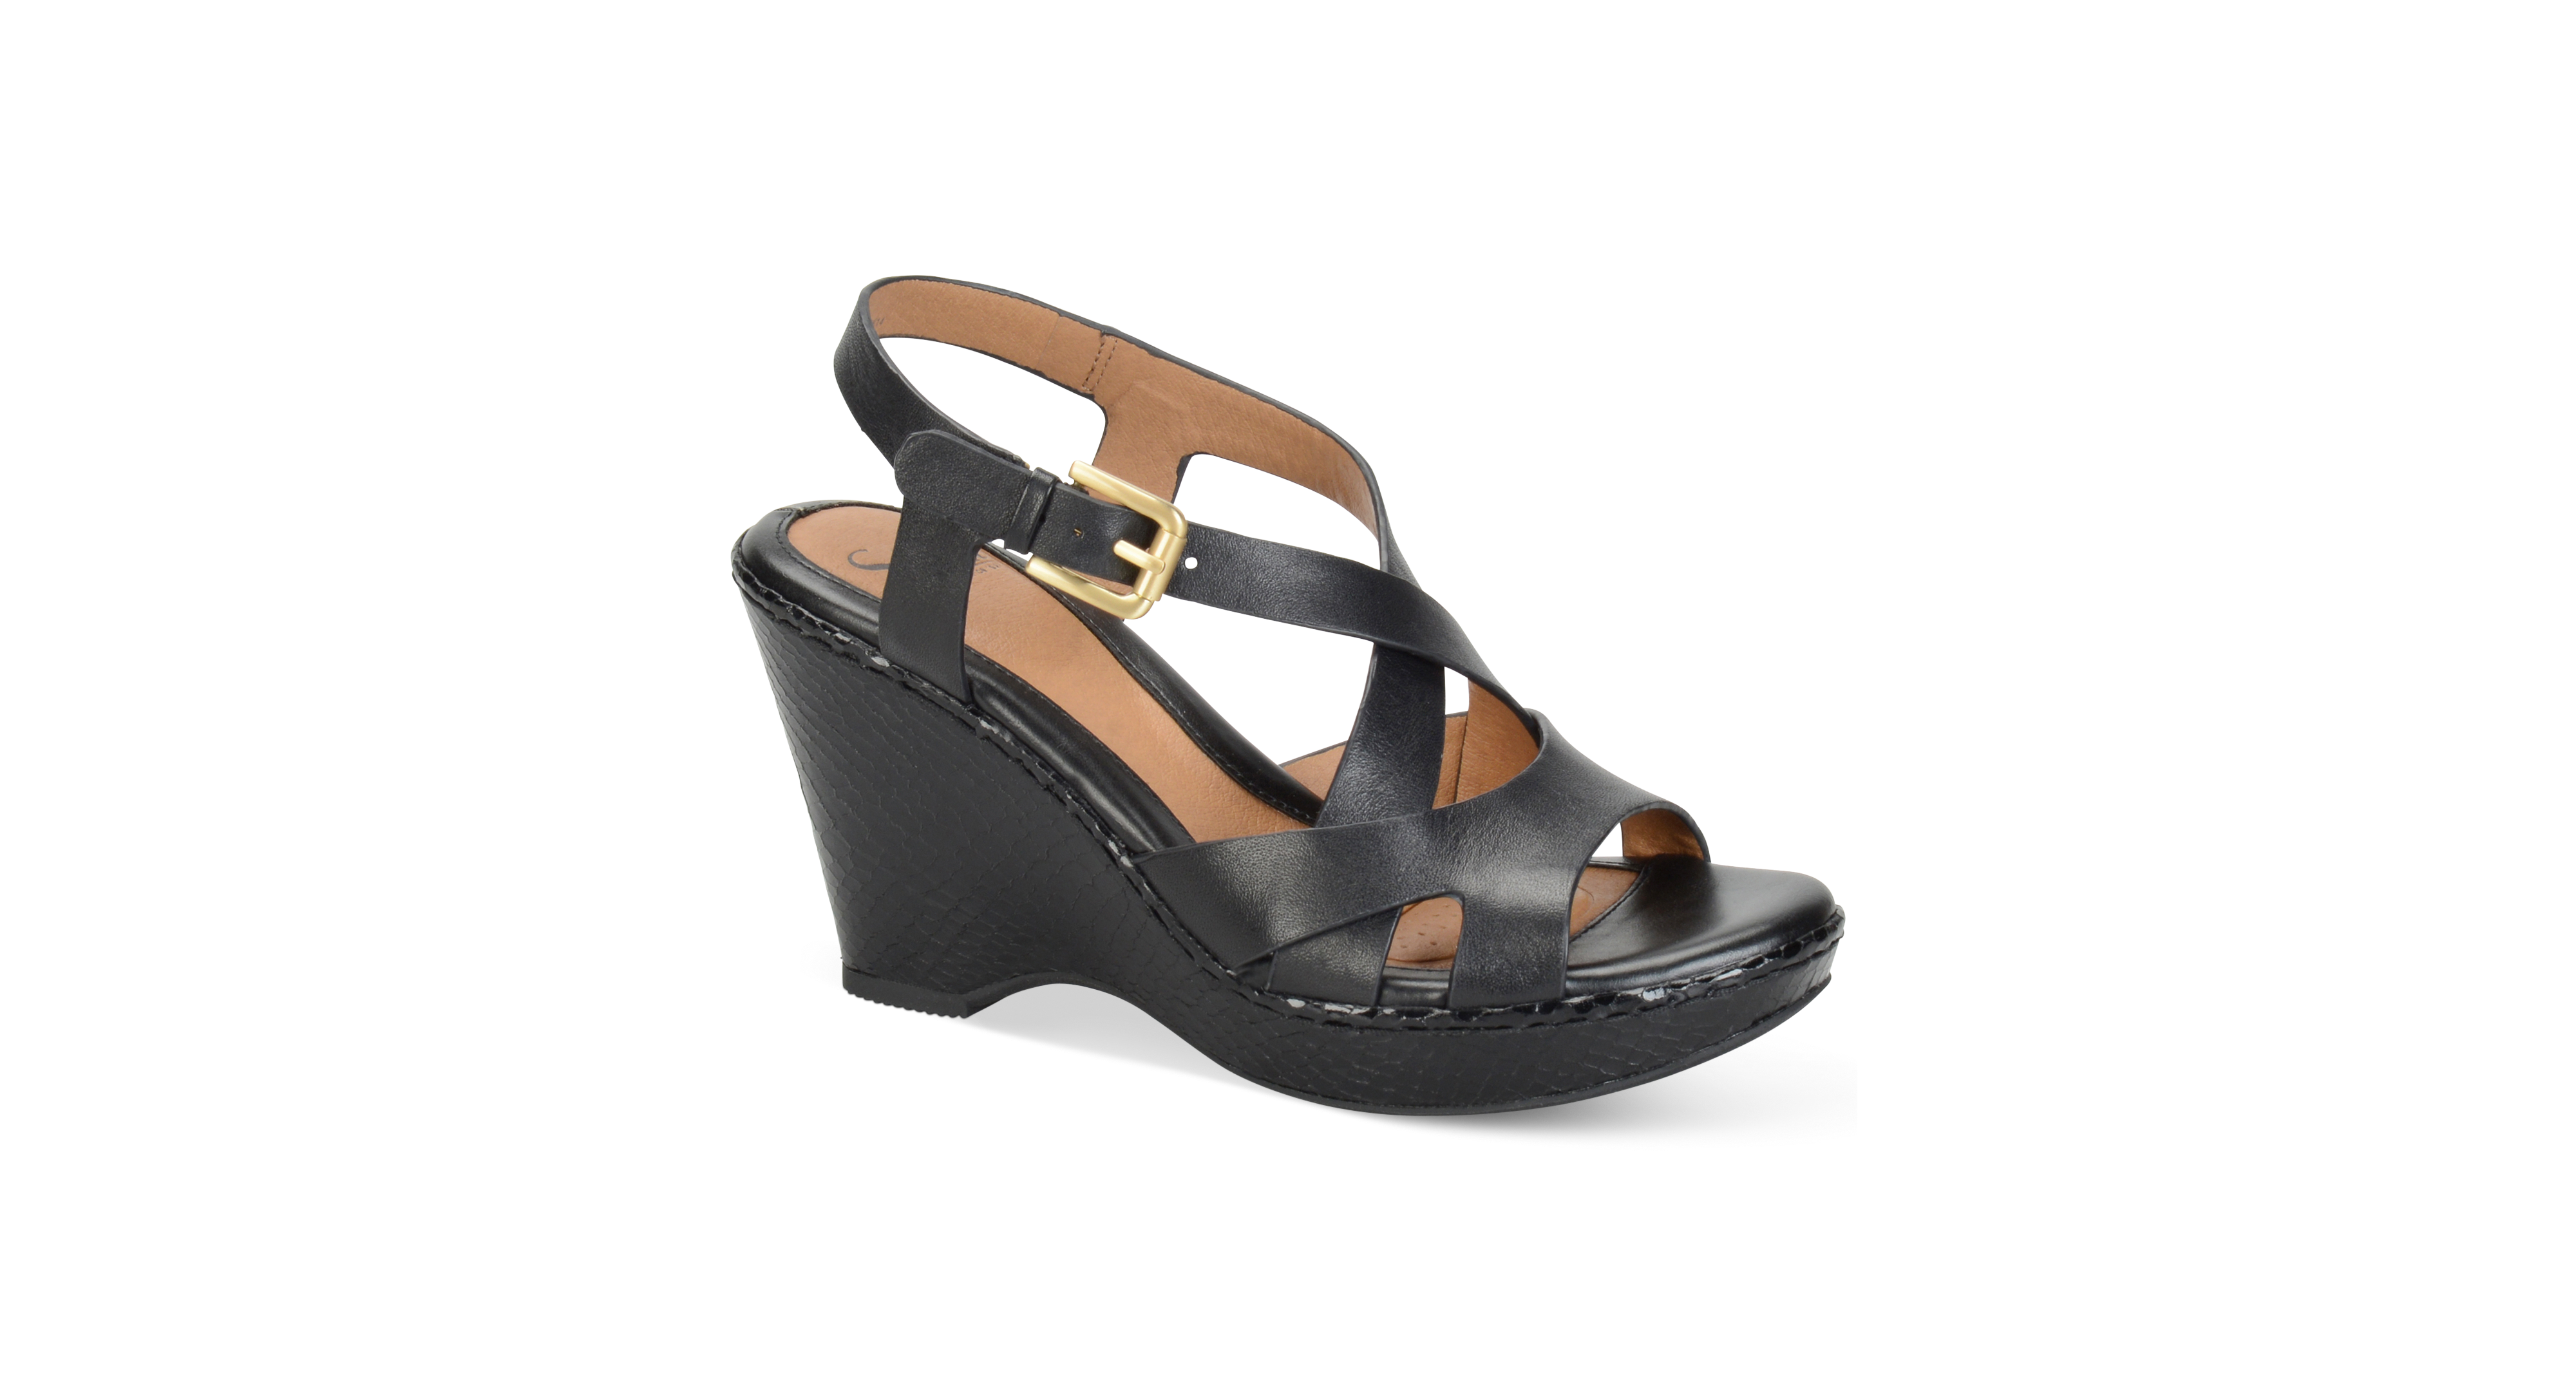 Sofft Vivien Platform Wedge Sandals